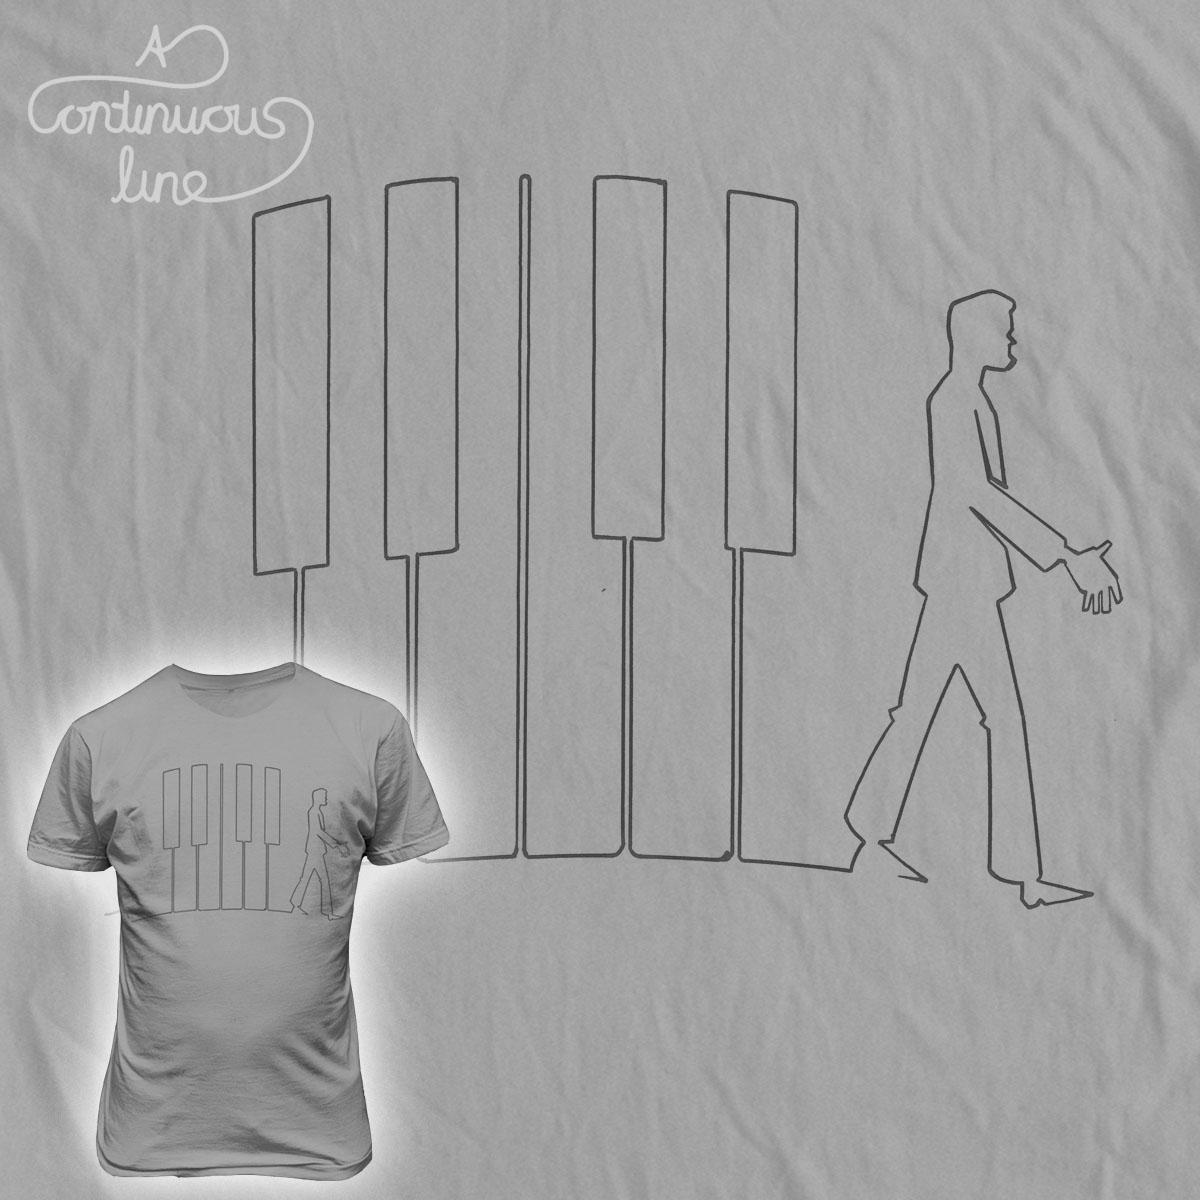 piano man  by chuckpcomics on Threadless